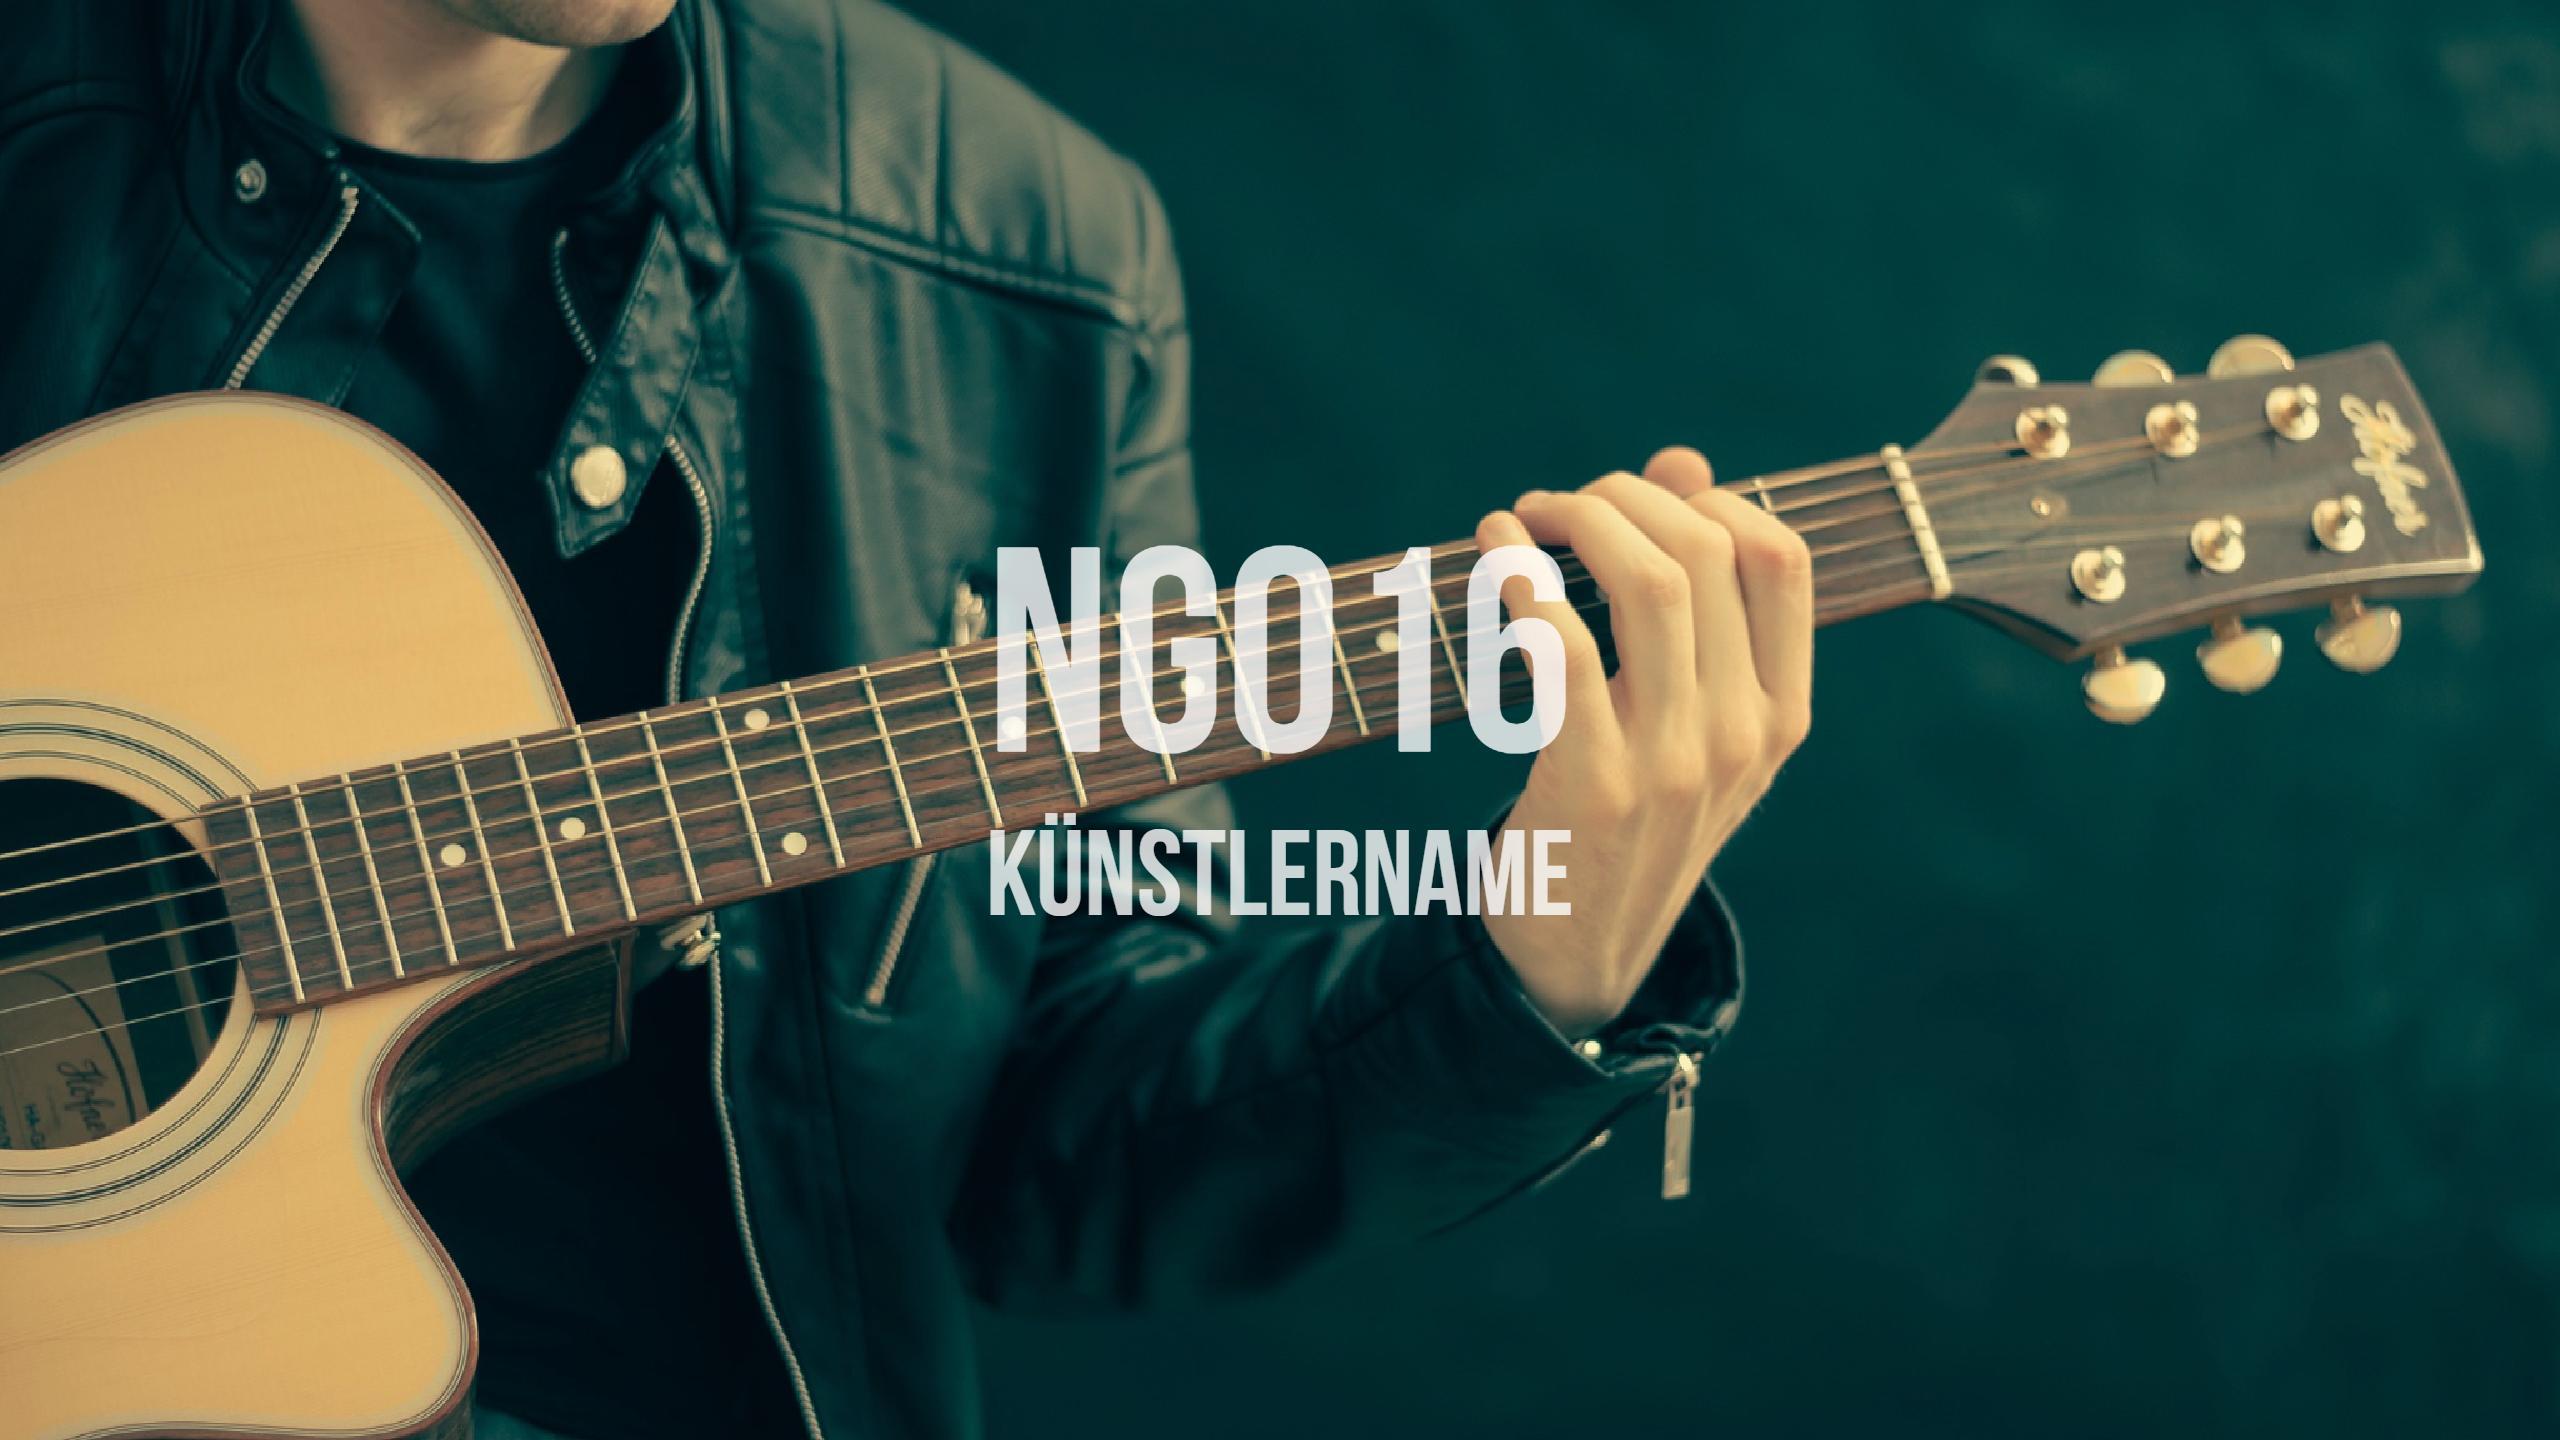 NG016 Künstlername